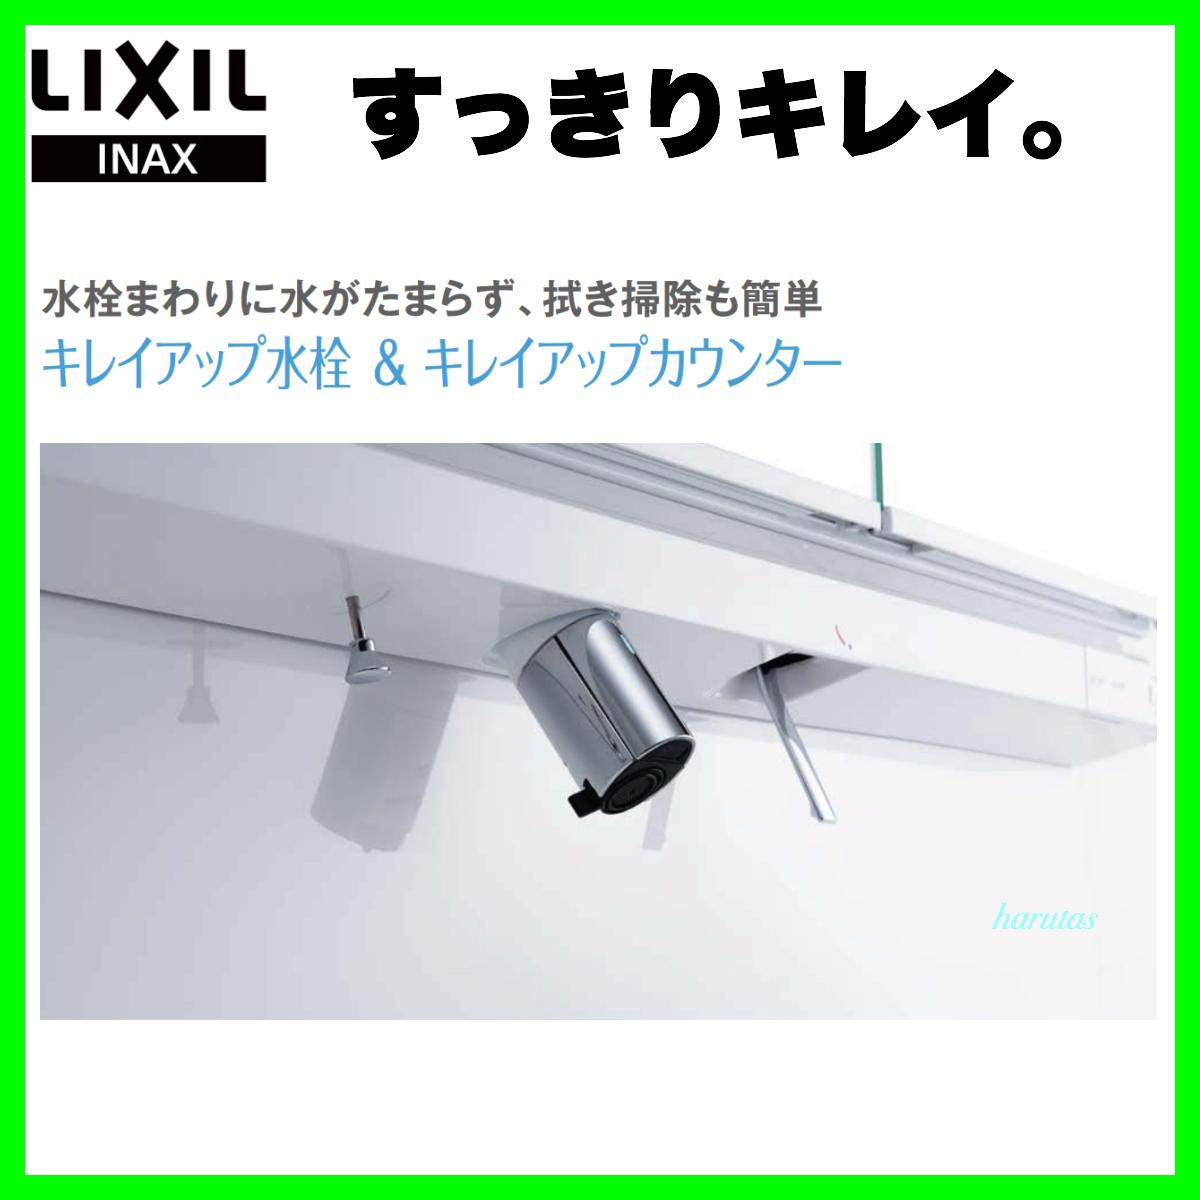 リクシルLCエルシィ洗面化粧台1000mm幅引き出しタイプ三面鏡LEDライン照明スマートポケット付全収納即湯タッチレス水栓ミドルグレード扉【LCYH-1005JFY-A/MLCY-1003KXEU】LIXILINAX